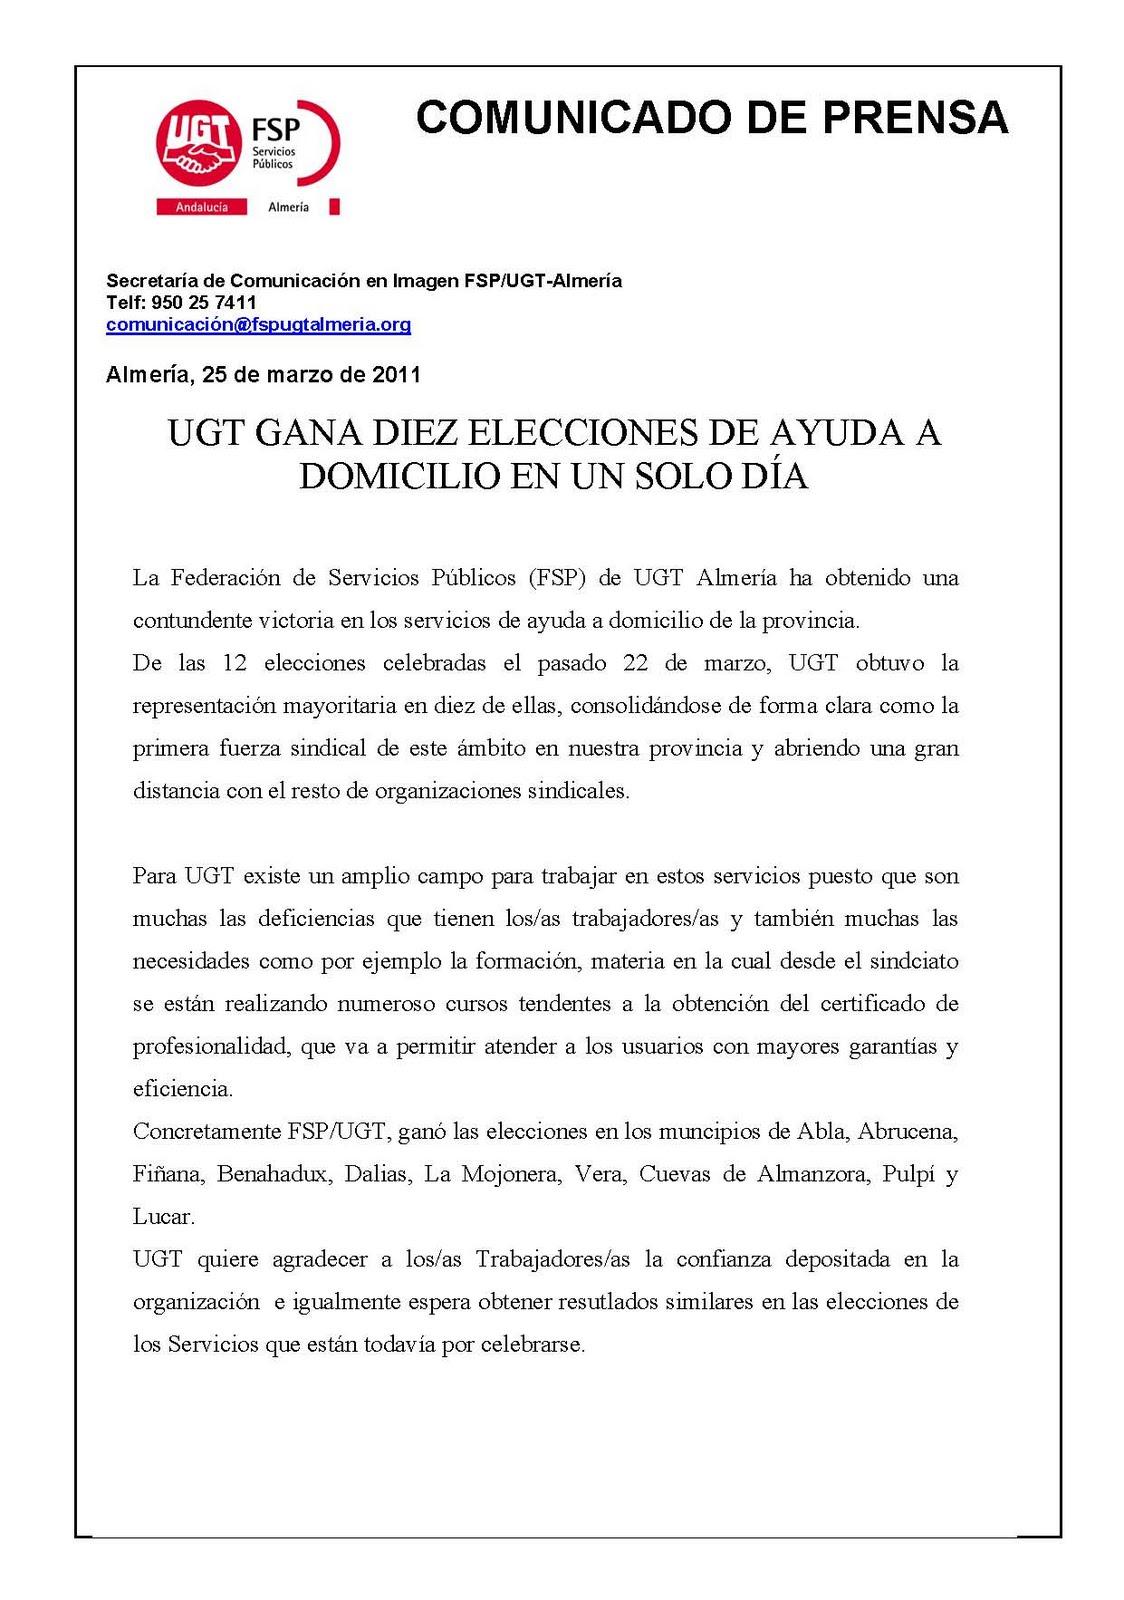 Ayuda a domicilio almer a l0s as trabajadores as de ayuda for Convenio colectivo oficinas y despachos almeria